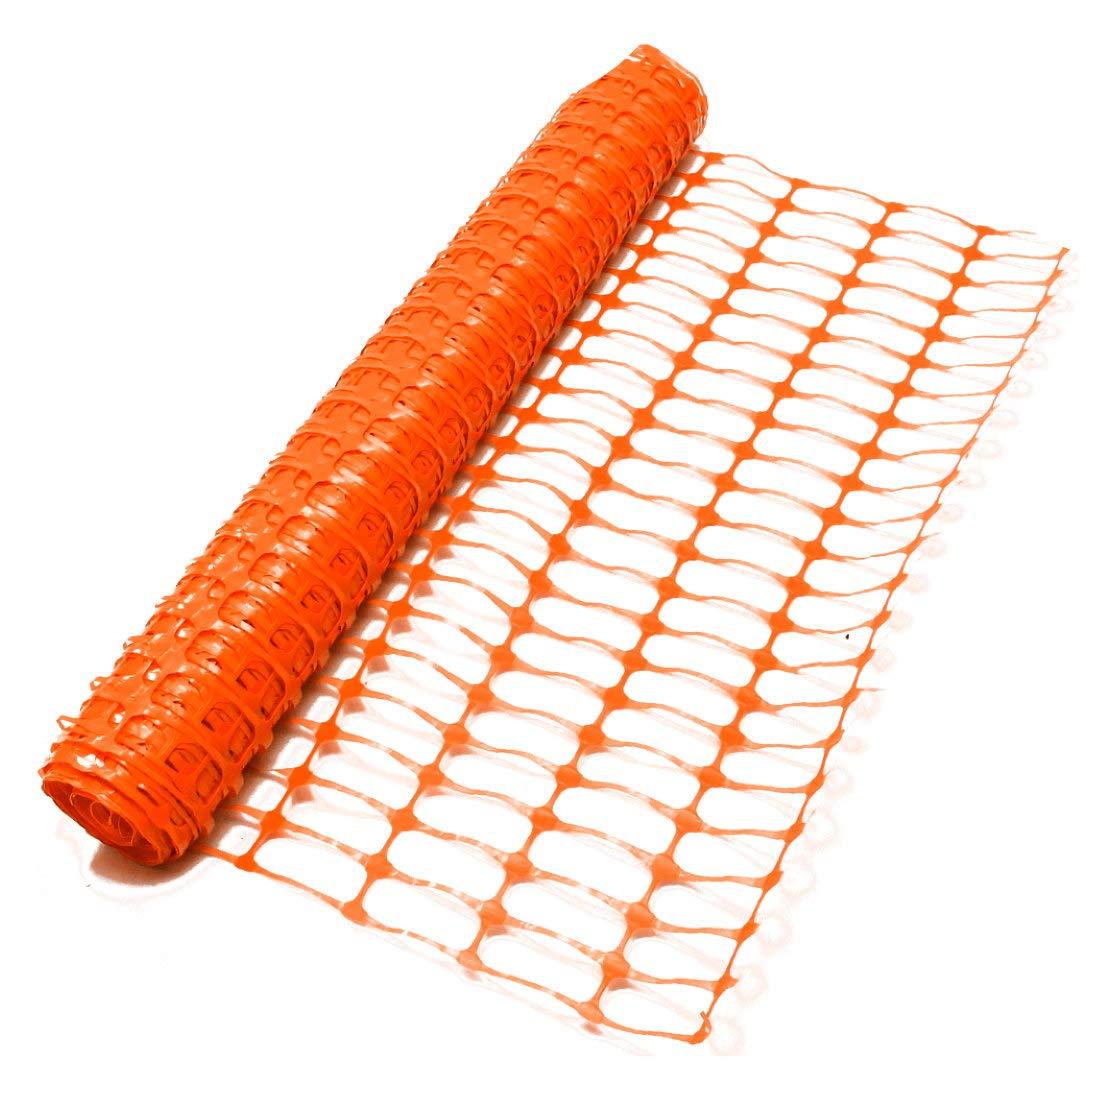 True Products B1003C 4kg 1m x 50m Standard Plastique en maille filet de sécurité Barrière Clôture Rouleau–Orange (1pièce) B1003C